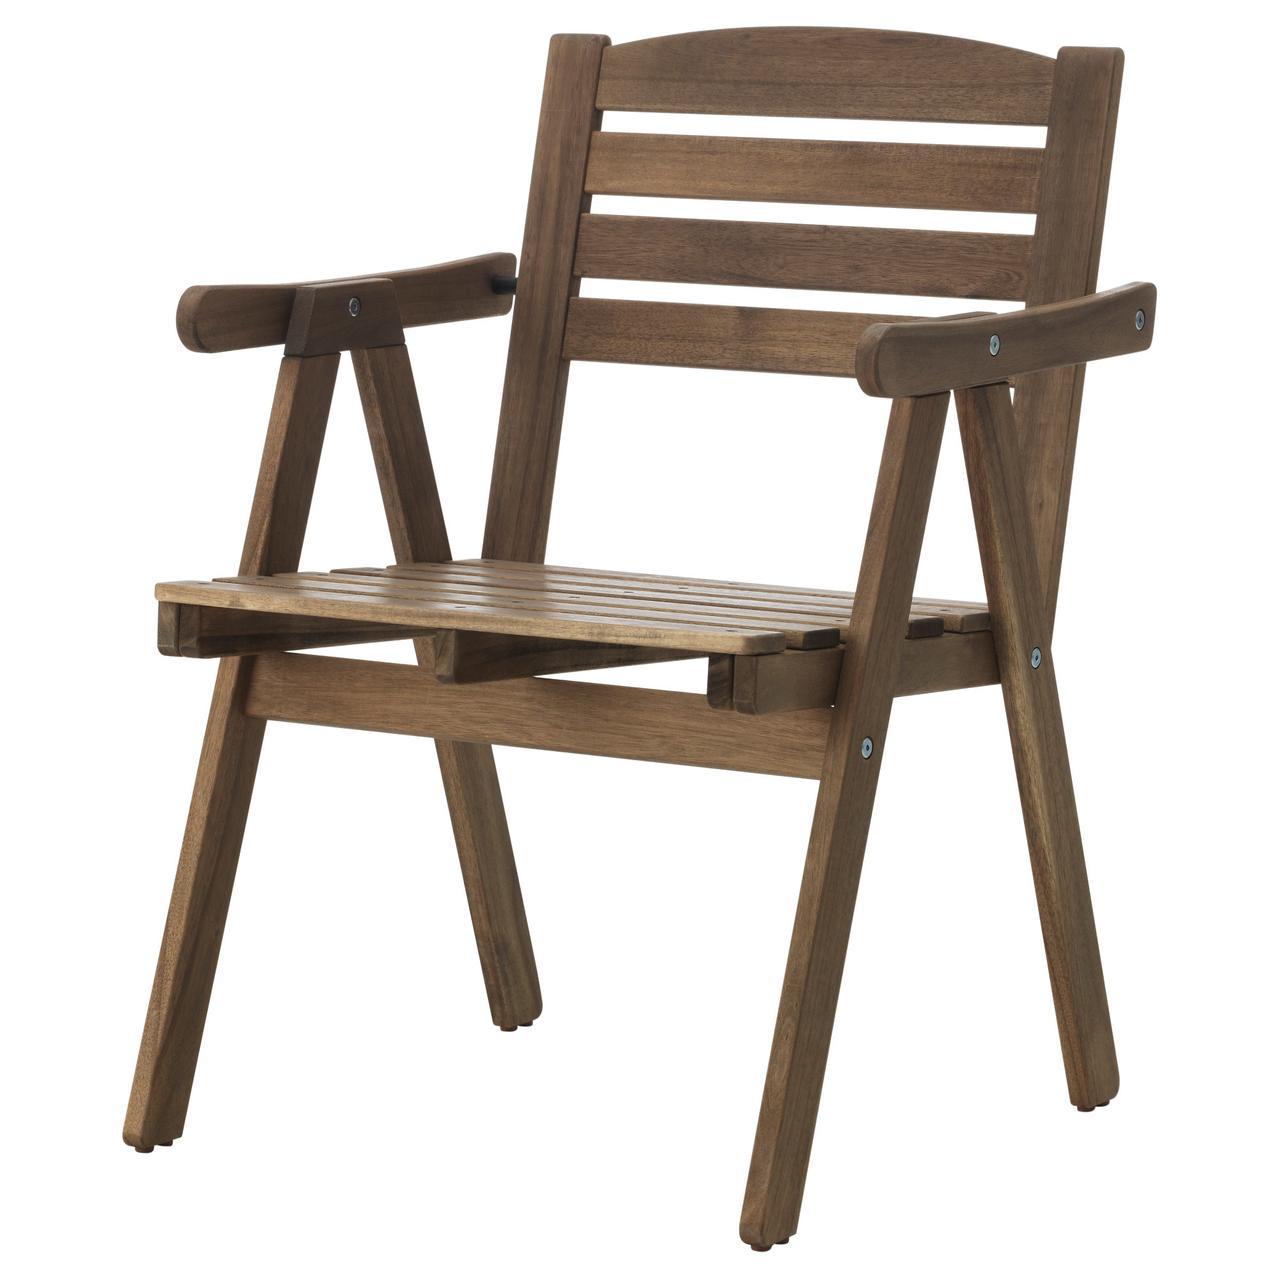 ФАЛЬХОЛЬМЕН Садовое кресло, серо-коричневый